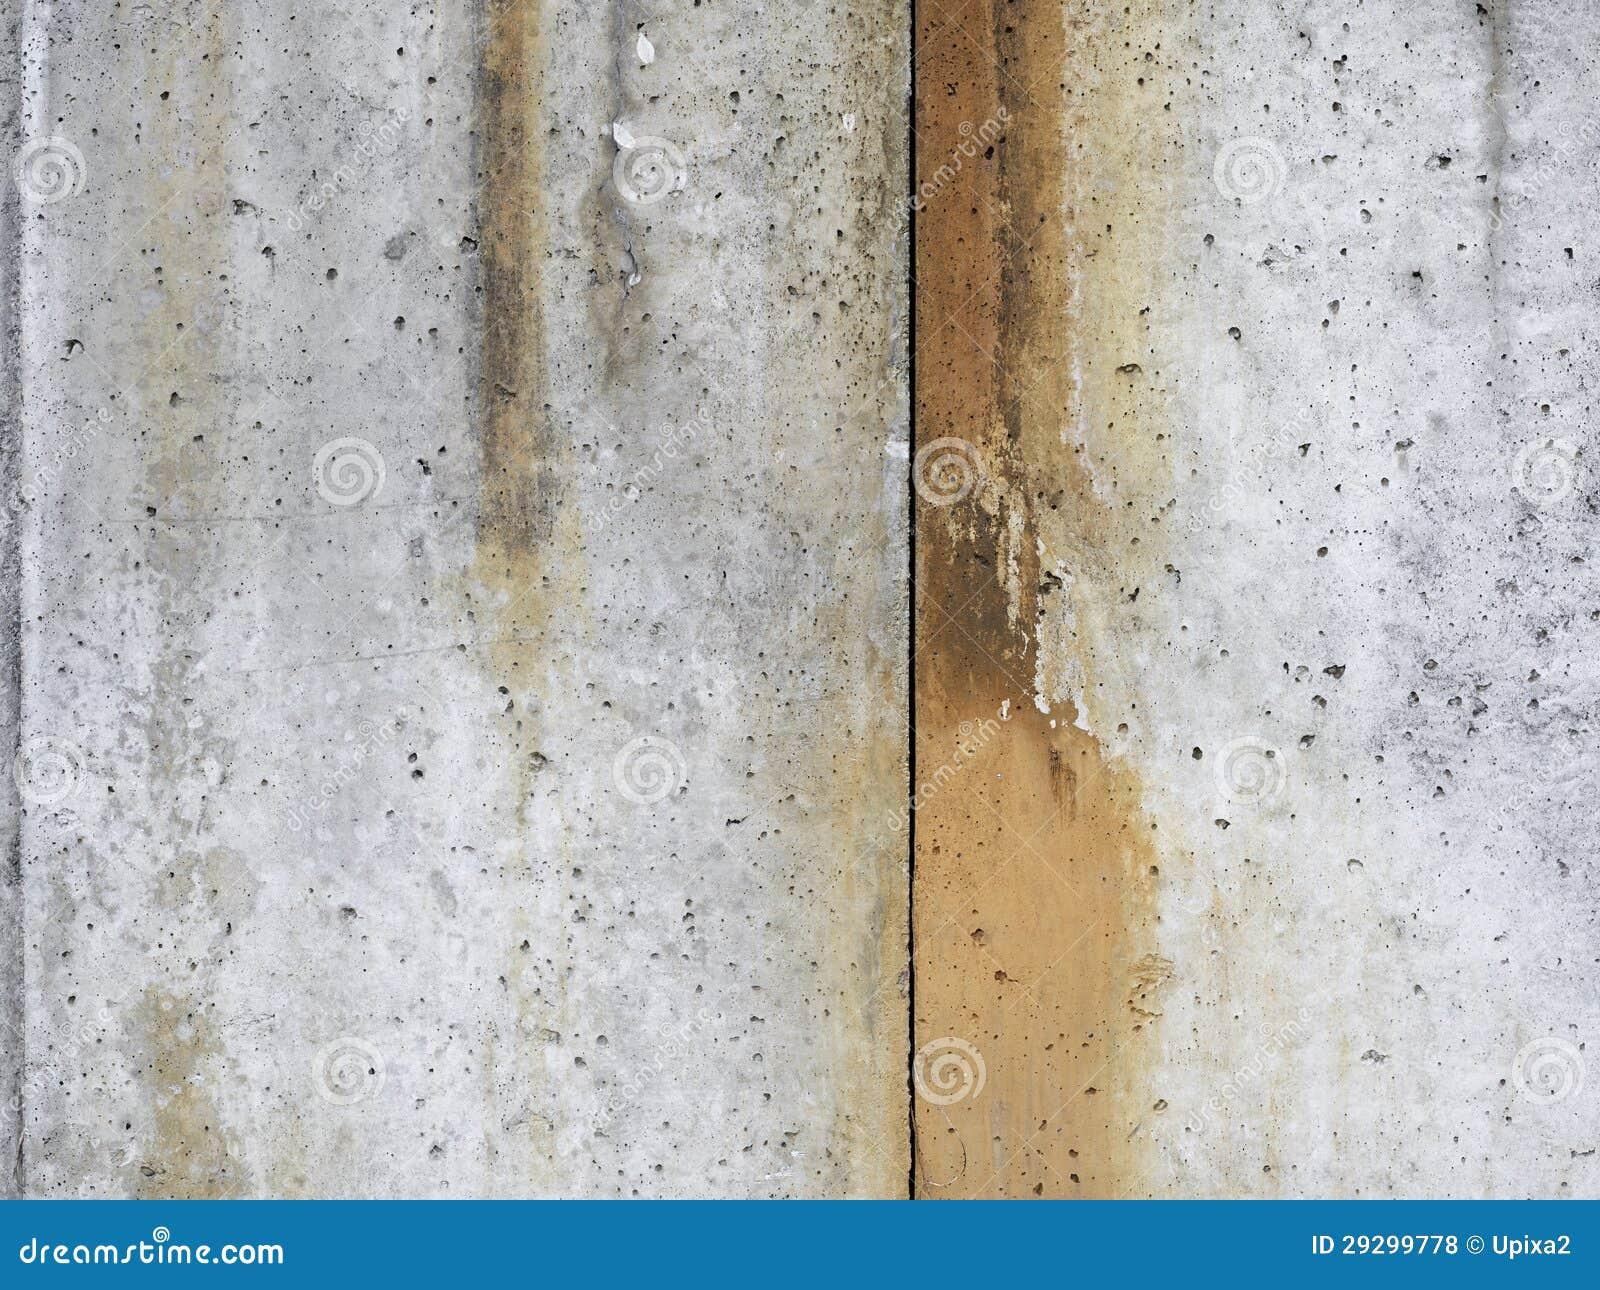 Hintergrund, Beton, Grau, Weiß, Beige Lizenzfreie Stockfotos ... Grau Weiss Beige